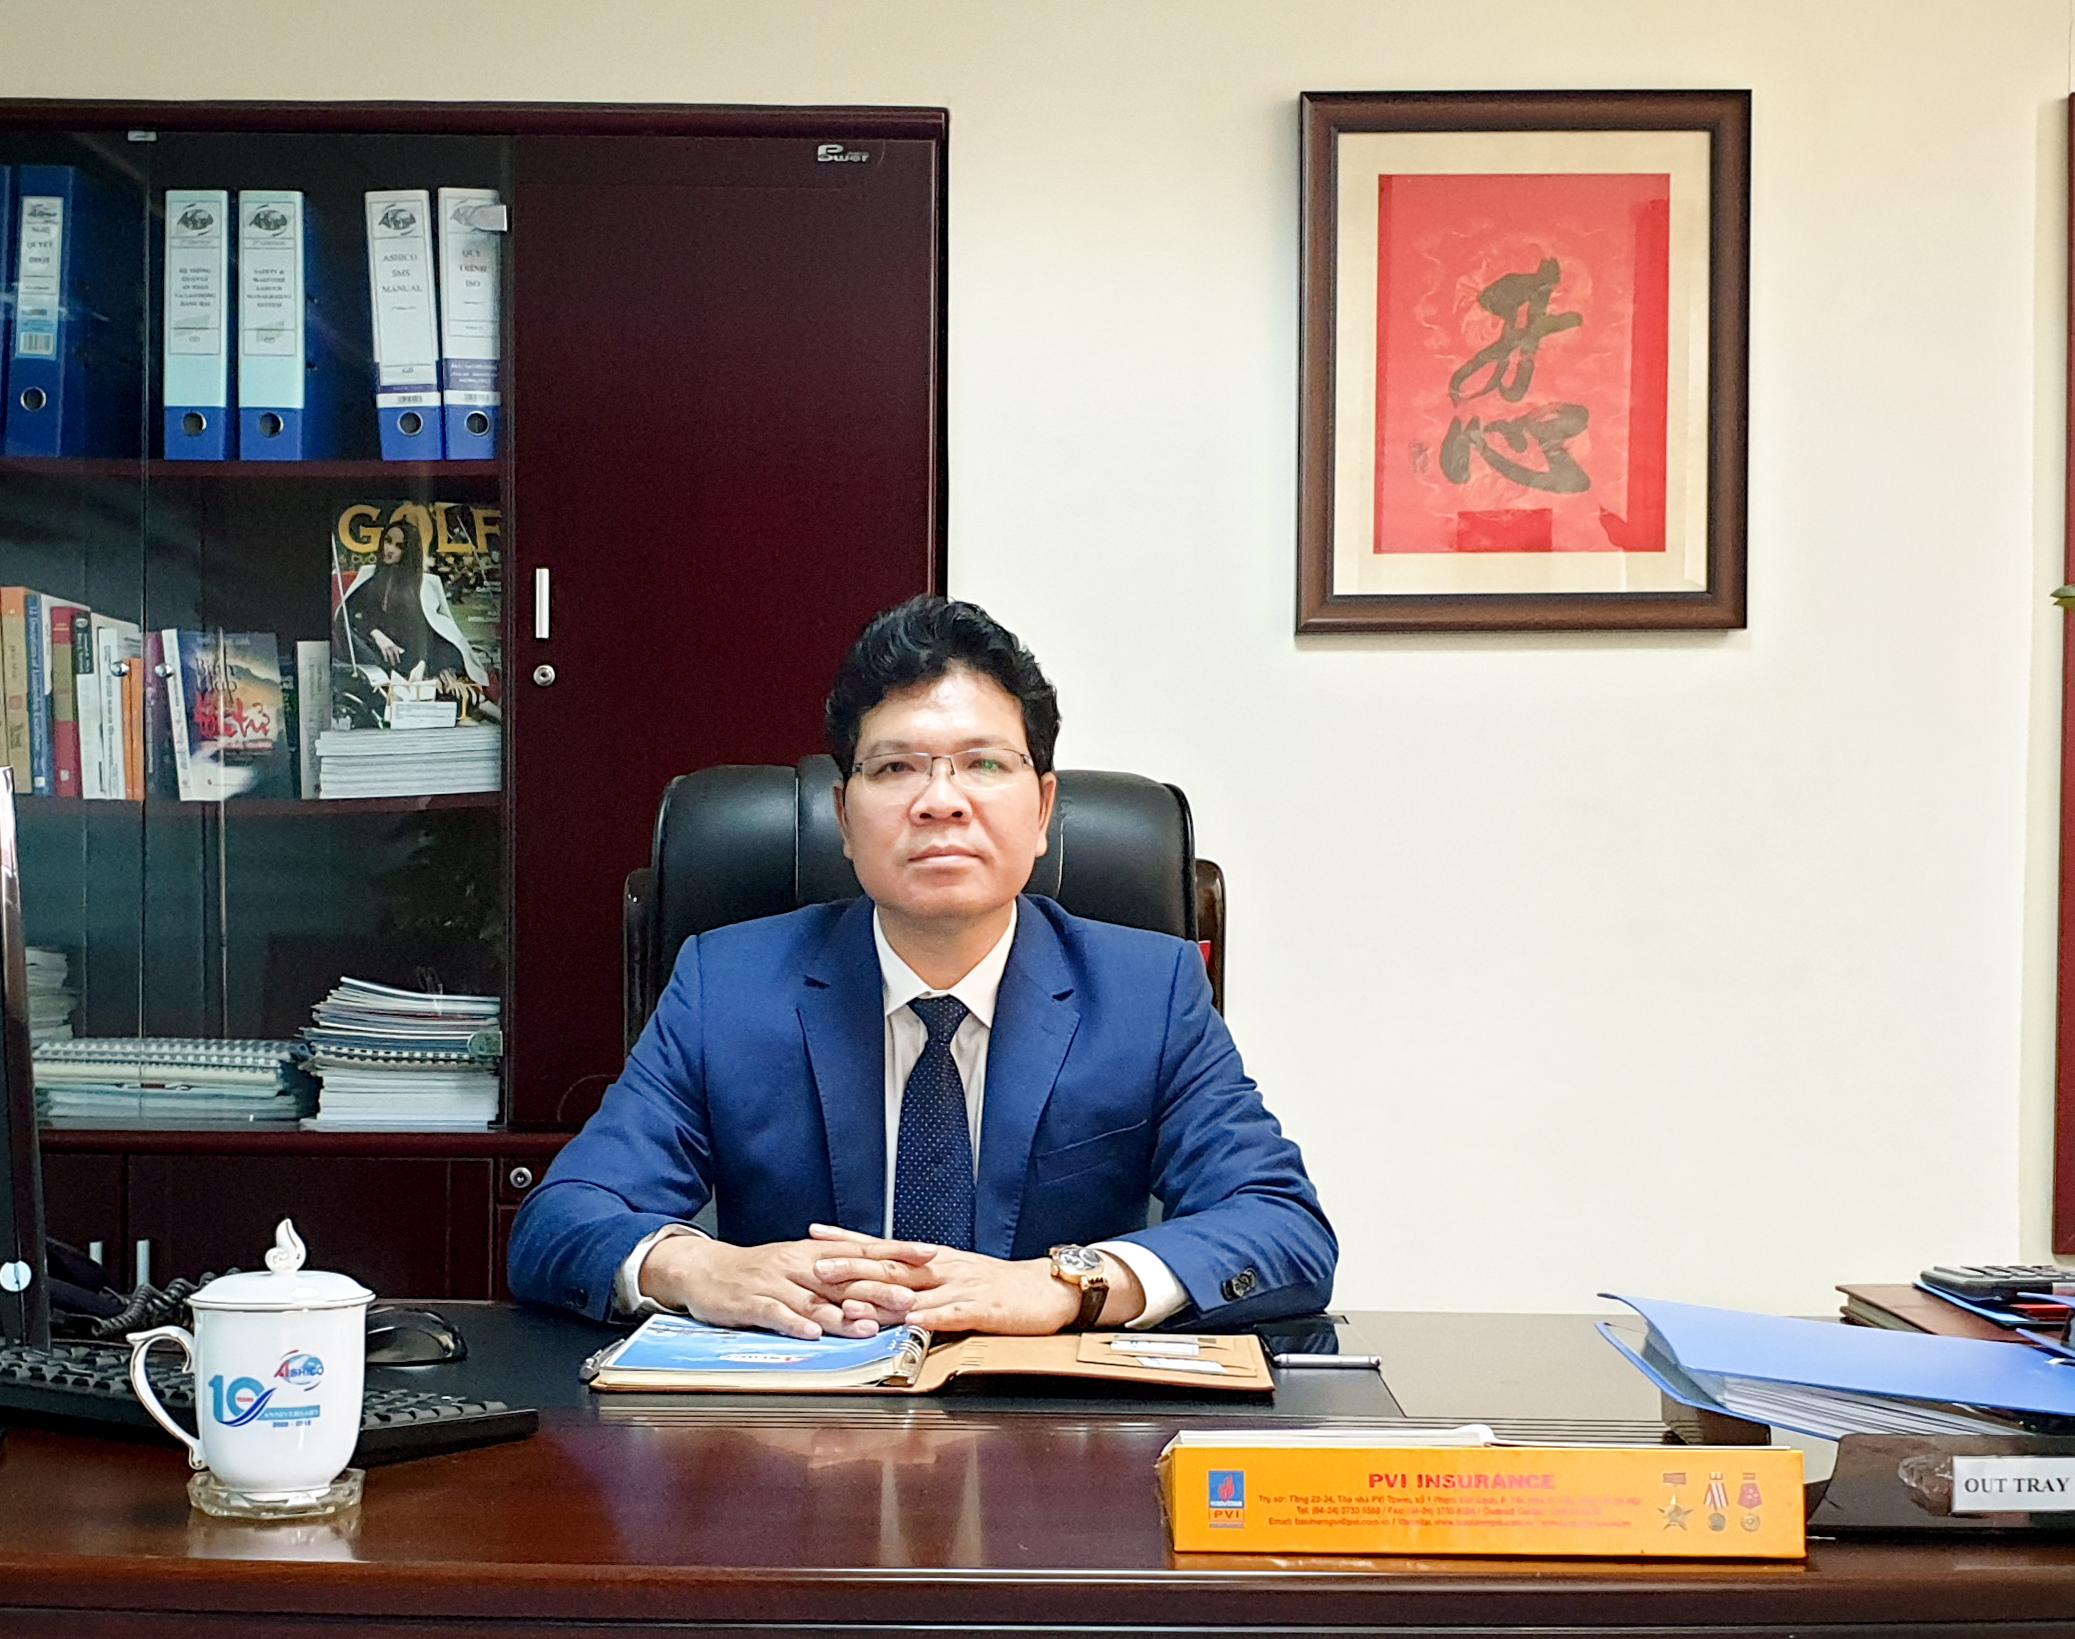 Thư ngỏ của Tổng Giám Đốc gửi CBNV toàn hệ thống Ashico trong mùa dịch